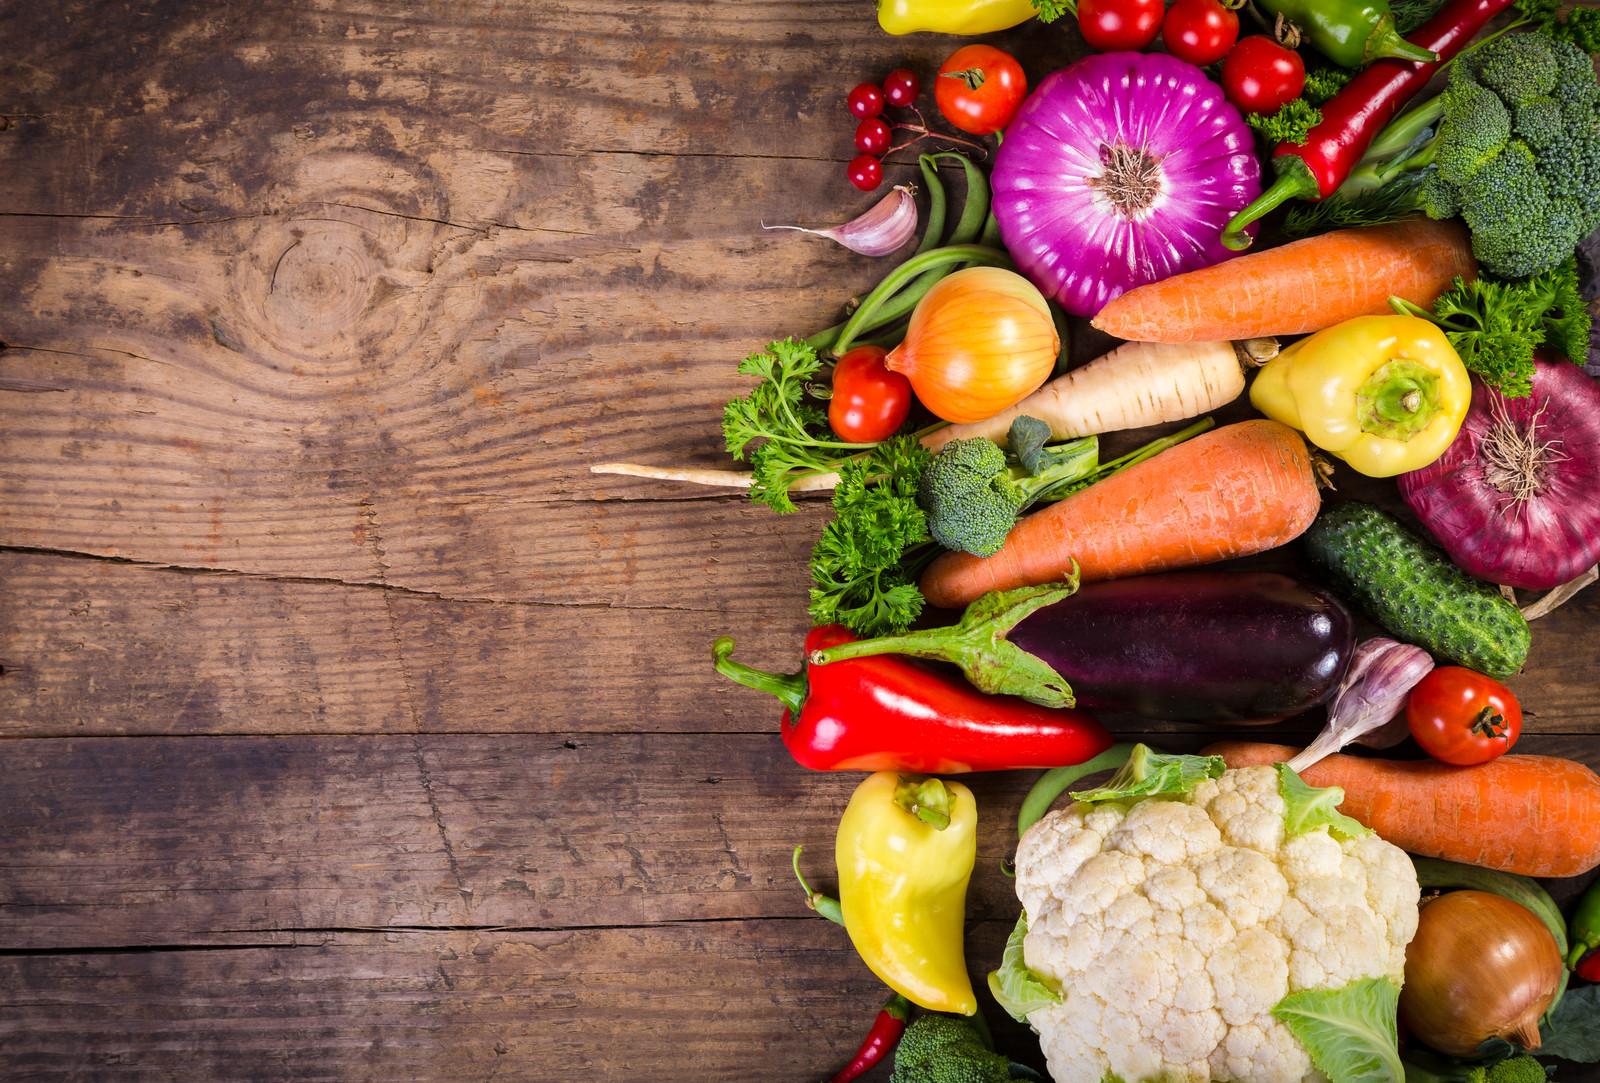 De los nueve días a todo el año: Carne solo en Shabbat